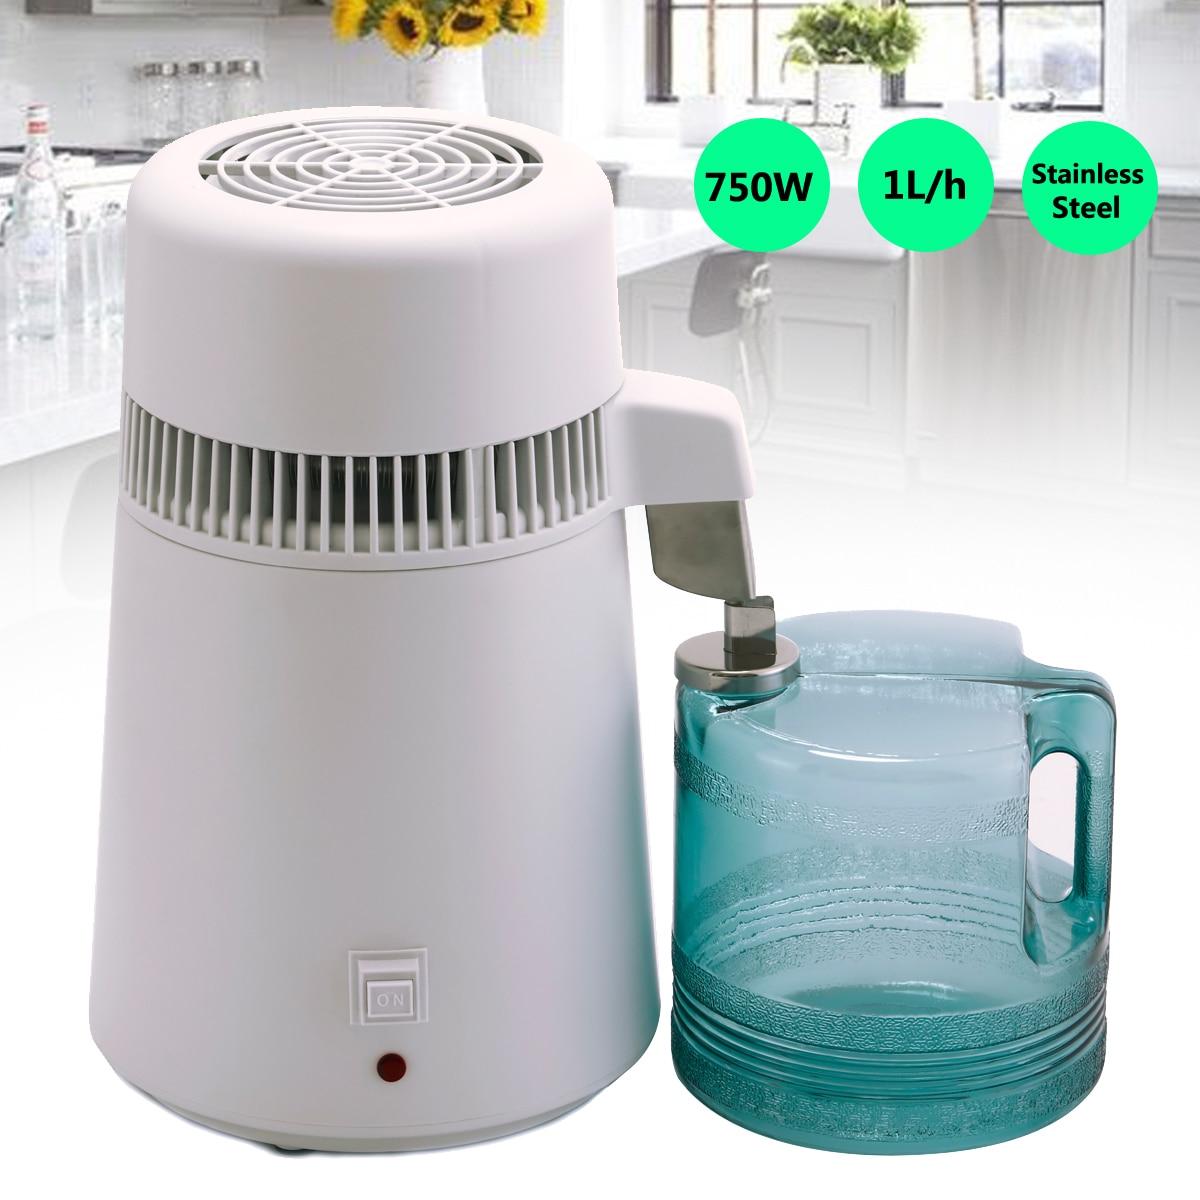 4L 750 W дома дистиллятор для чистой воды прибор для дистилляции воды очиститель дистиллятора Фильтрующее Оборудование зубные АС plug фильтр дл...